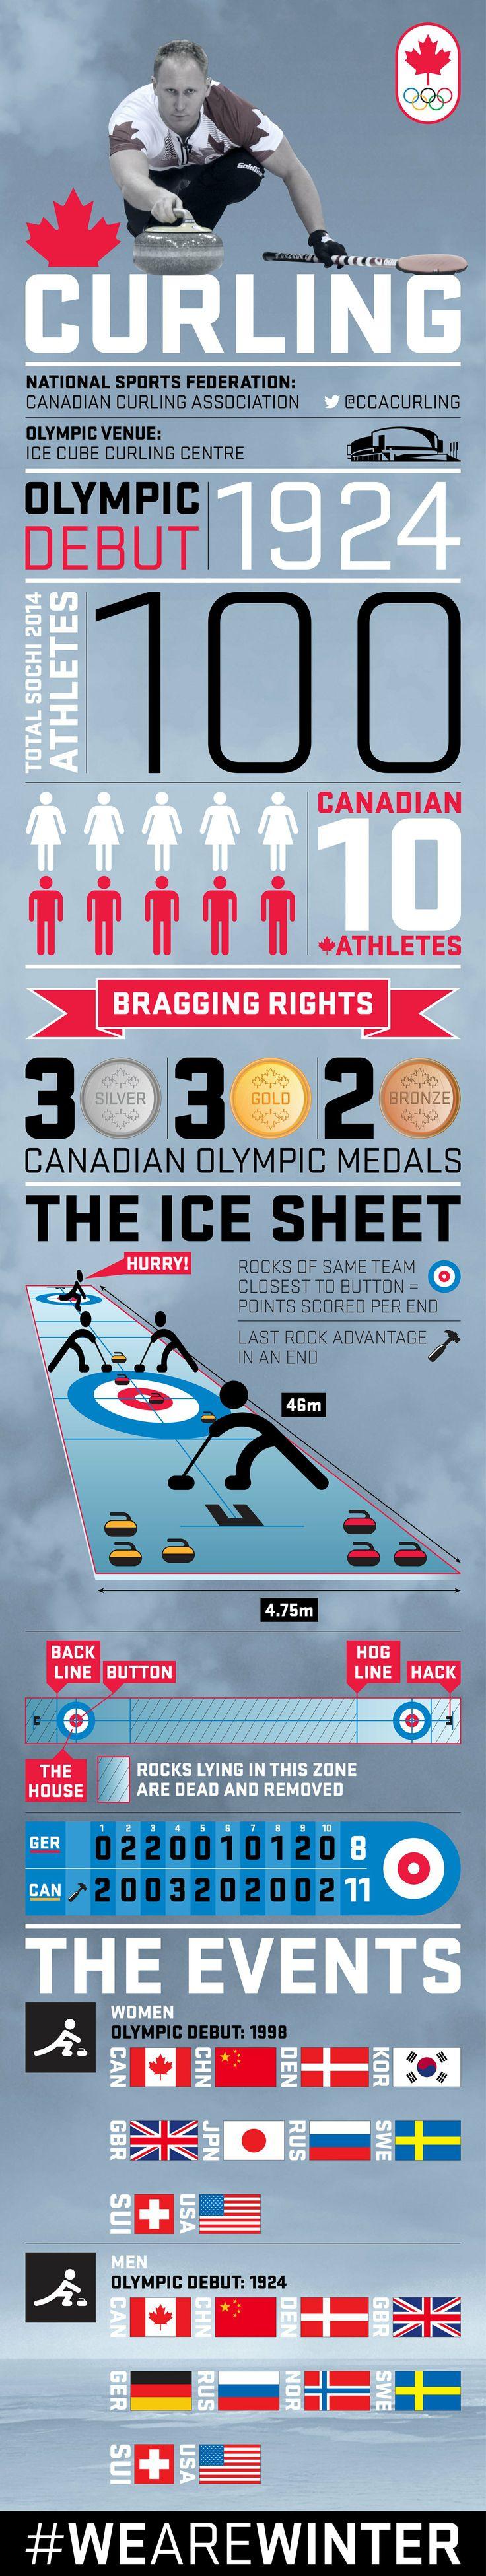 infographic_curling_EN #WeAreWinter